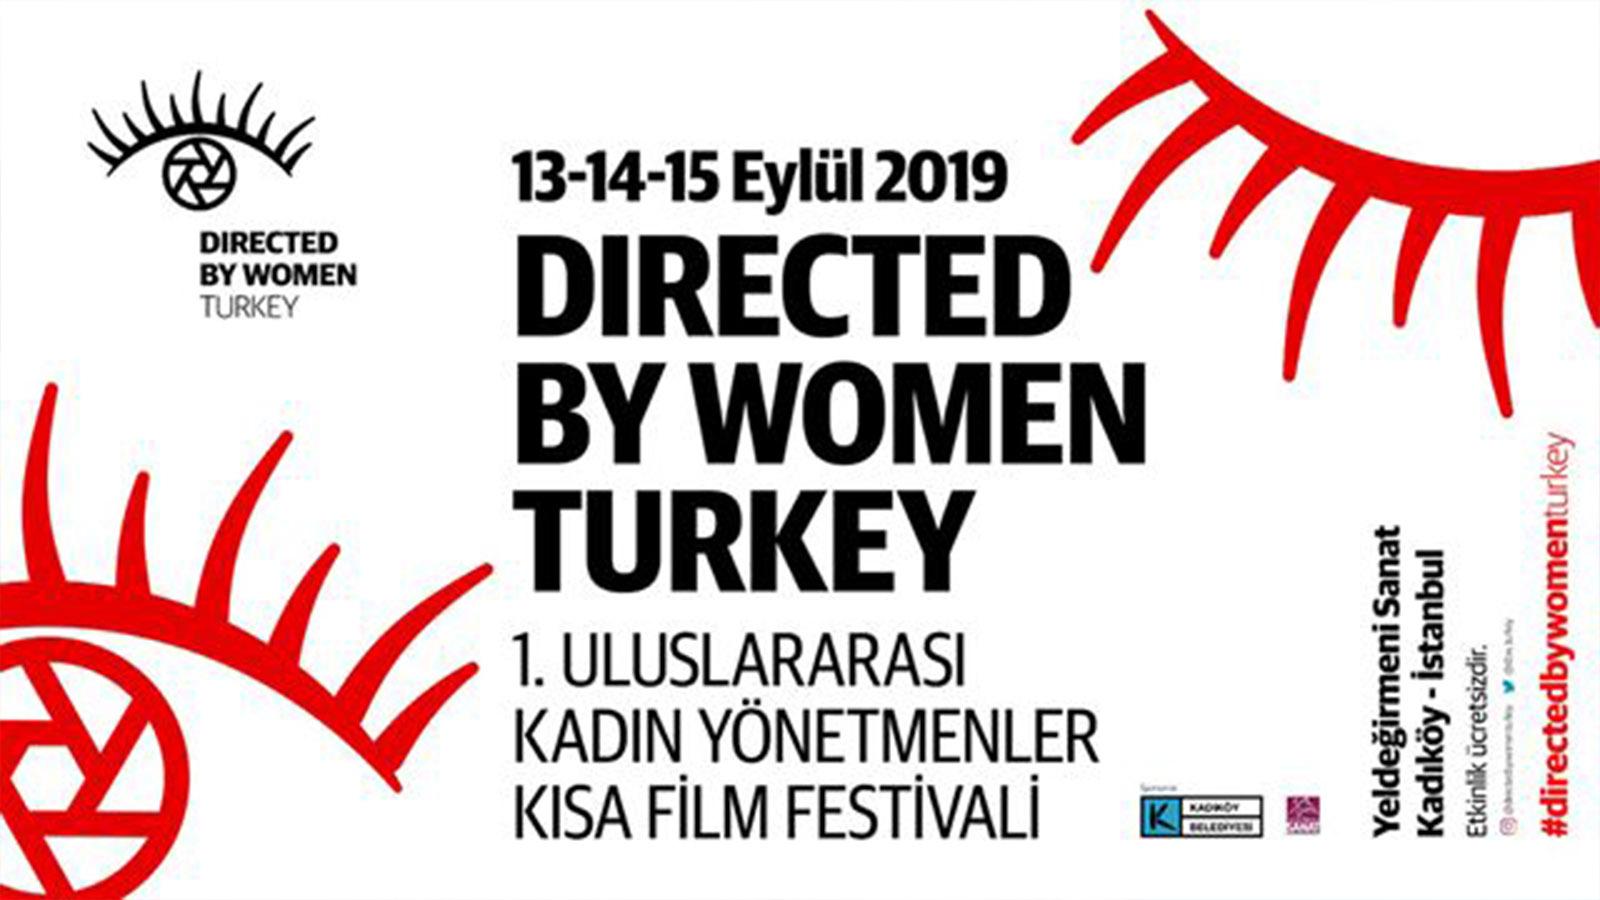 uluslararasi-kadin-yonetmenler-kisa-film-festivali-1418